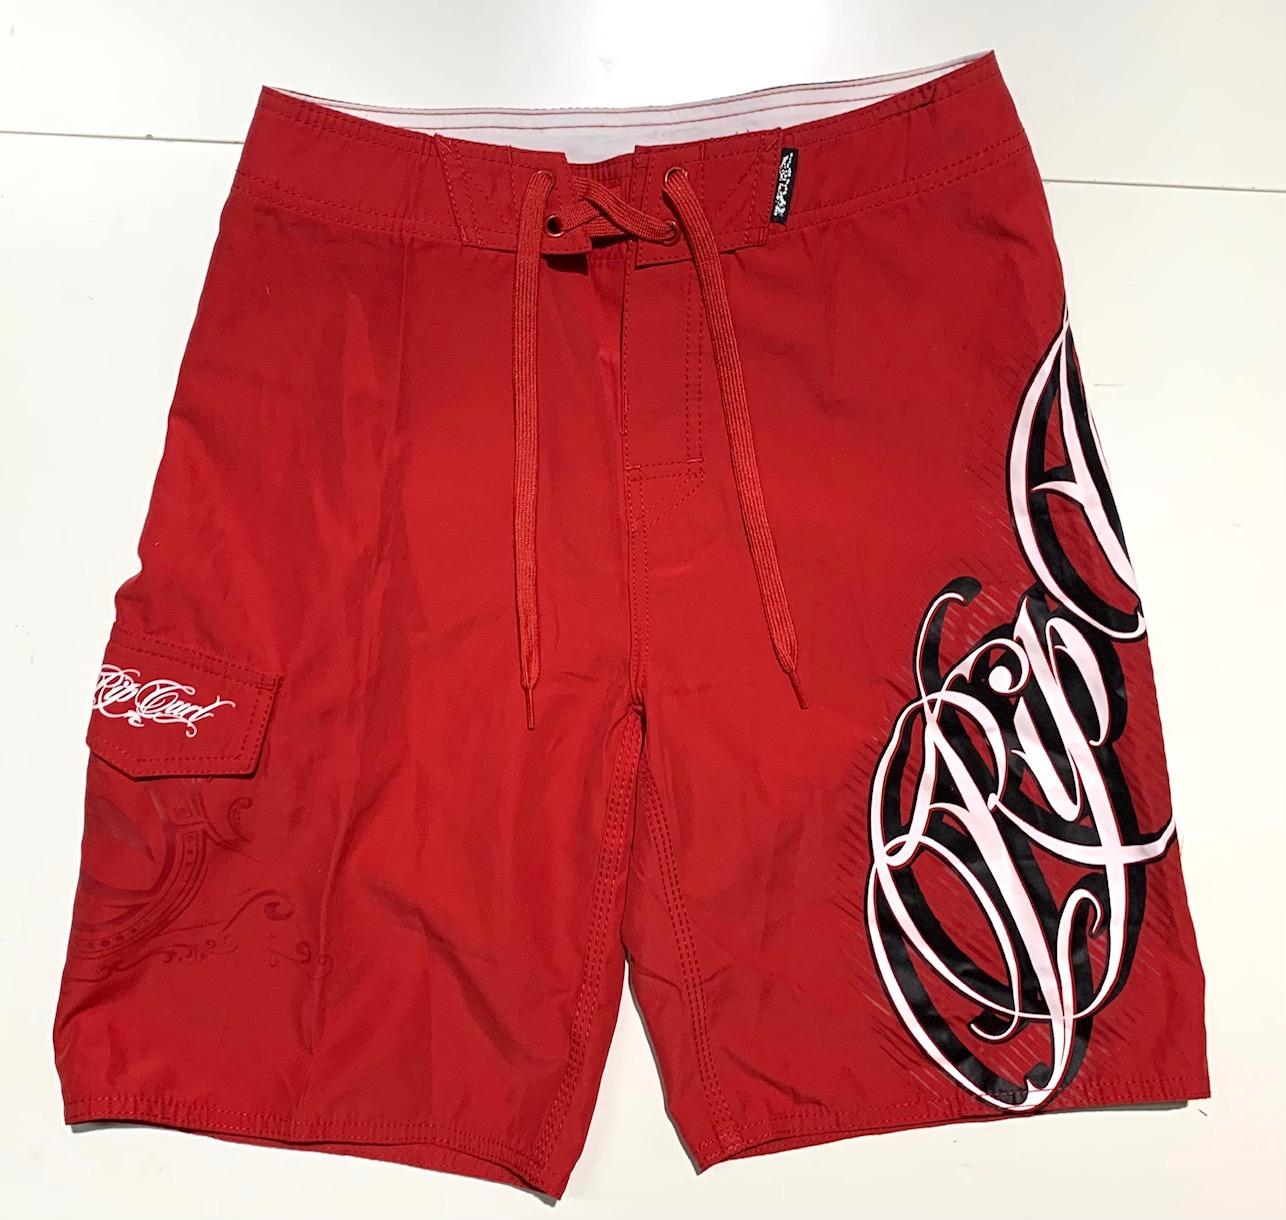 Шорты мужские от бренда RIP CURL красного цвета